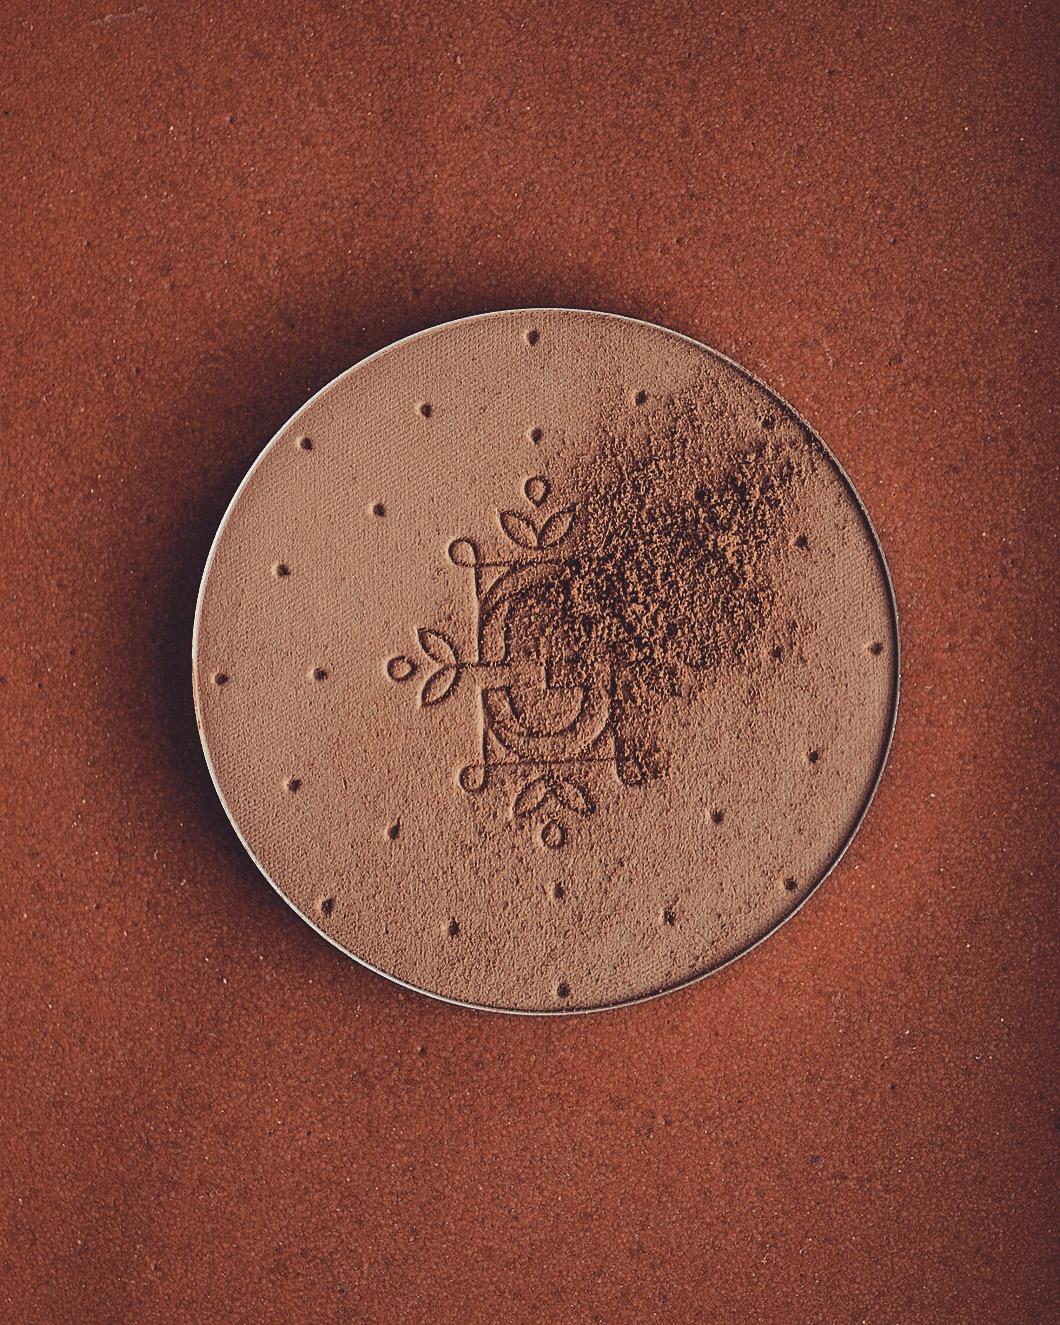 feerie celeste bewitched bronze bronzing and contouring powder puder brązujący kolory brązerów pixie cosmetics brązer naturalny brązer jak wygląda na skórze brązer nie zapycha porów 110 ancient amber brązer dla bladej skóry